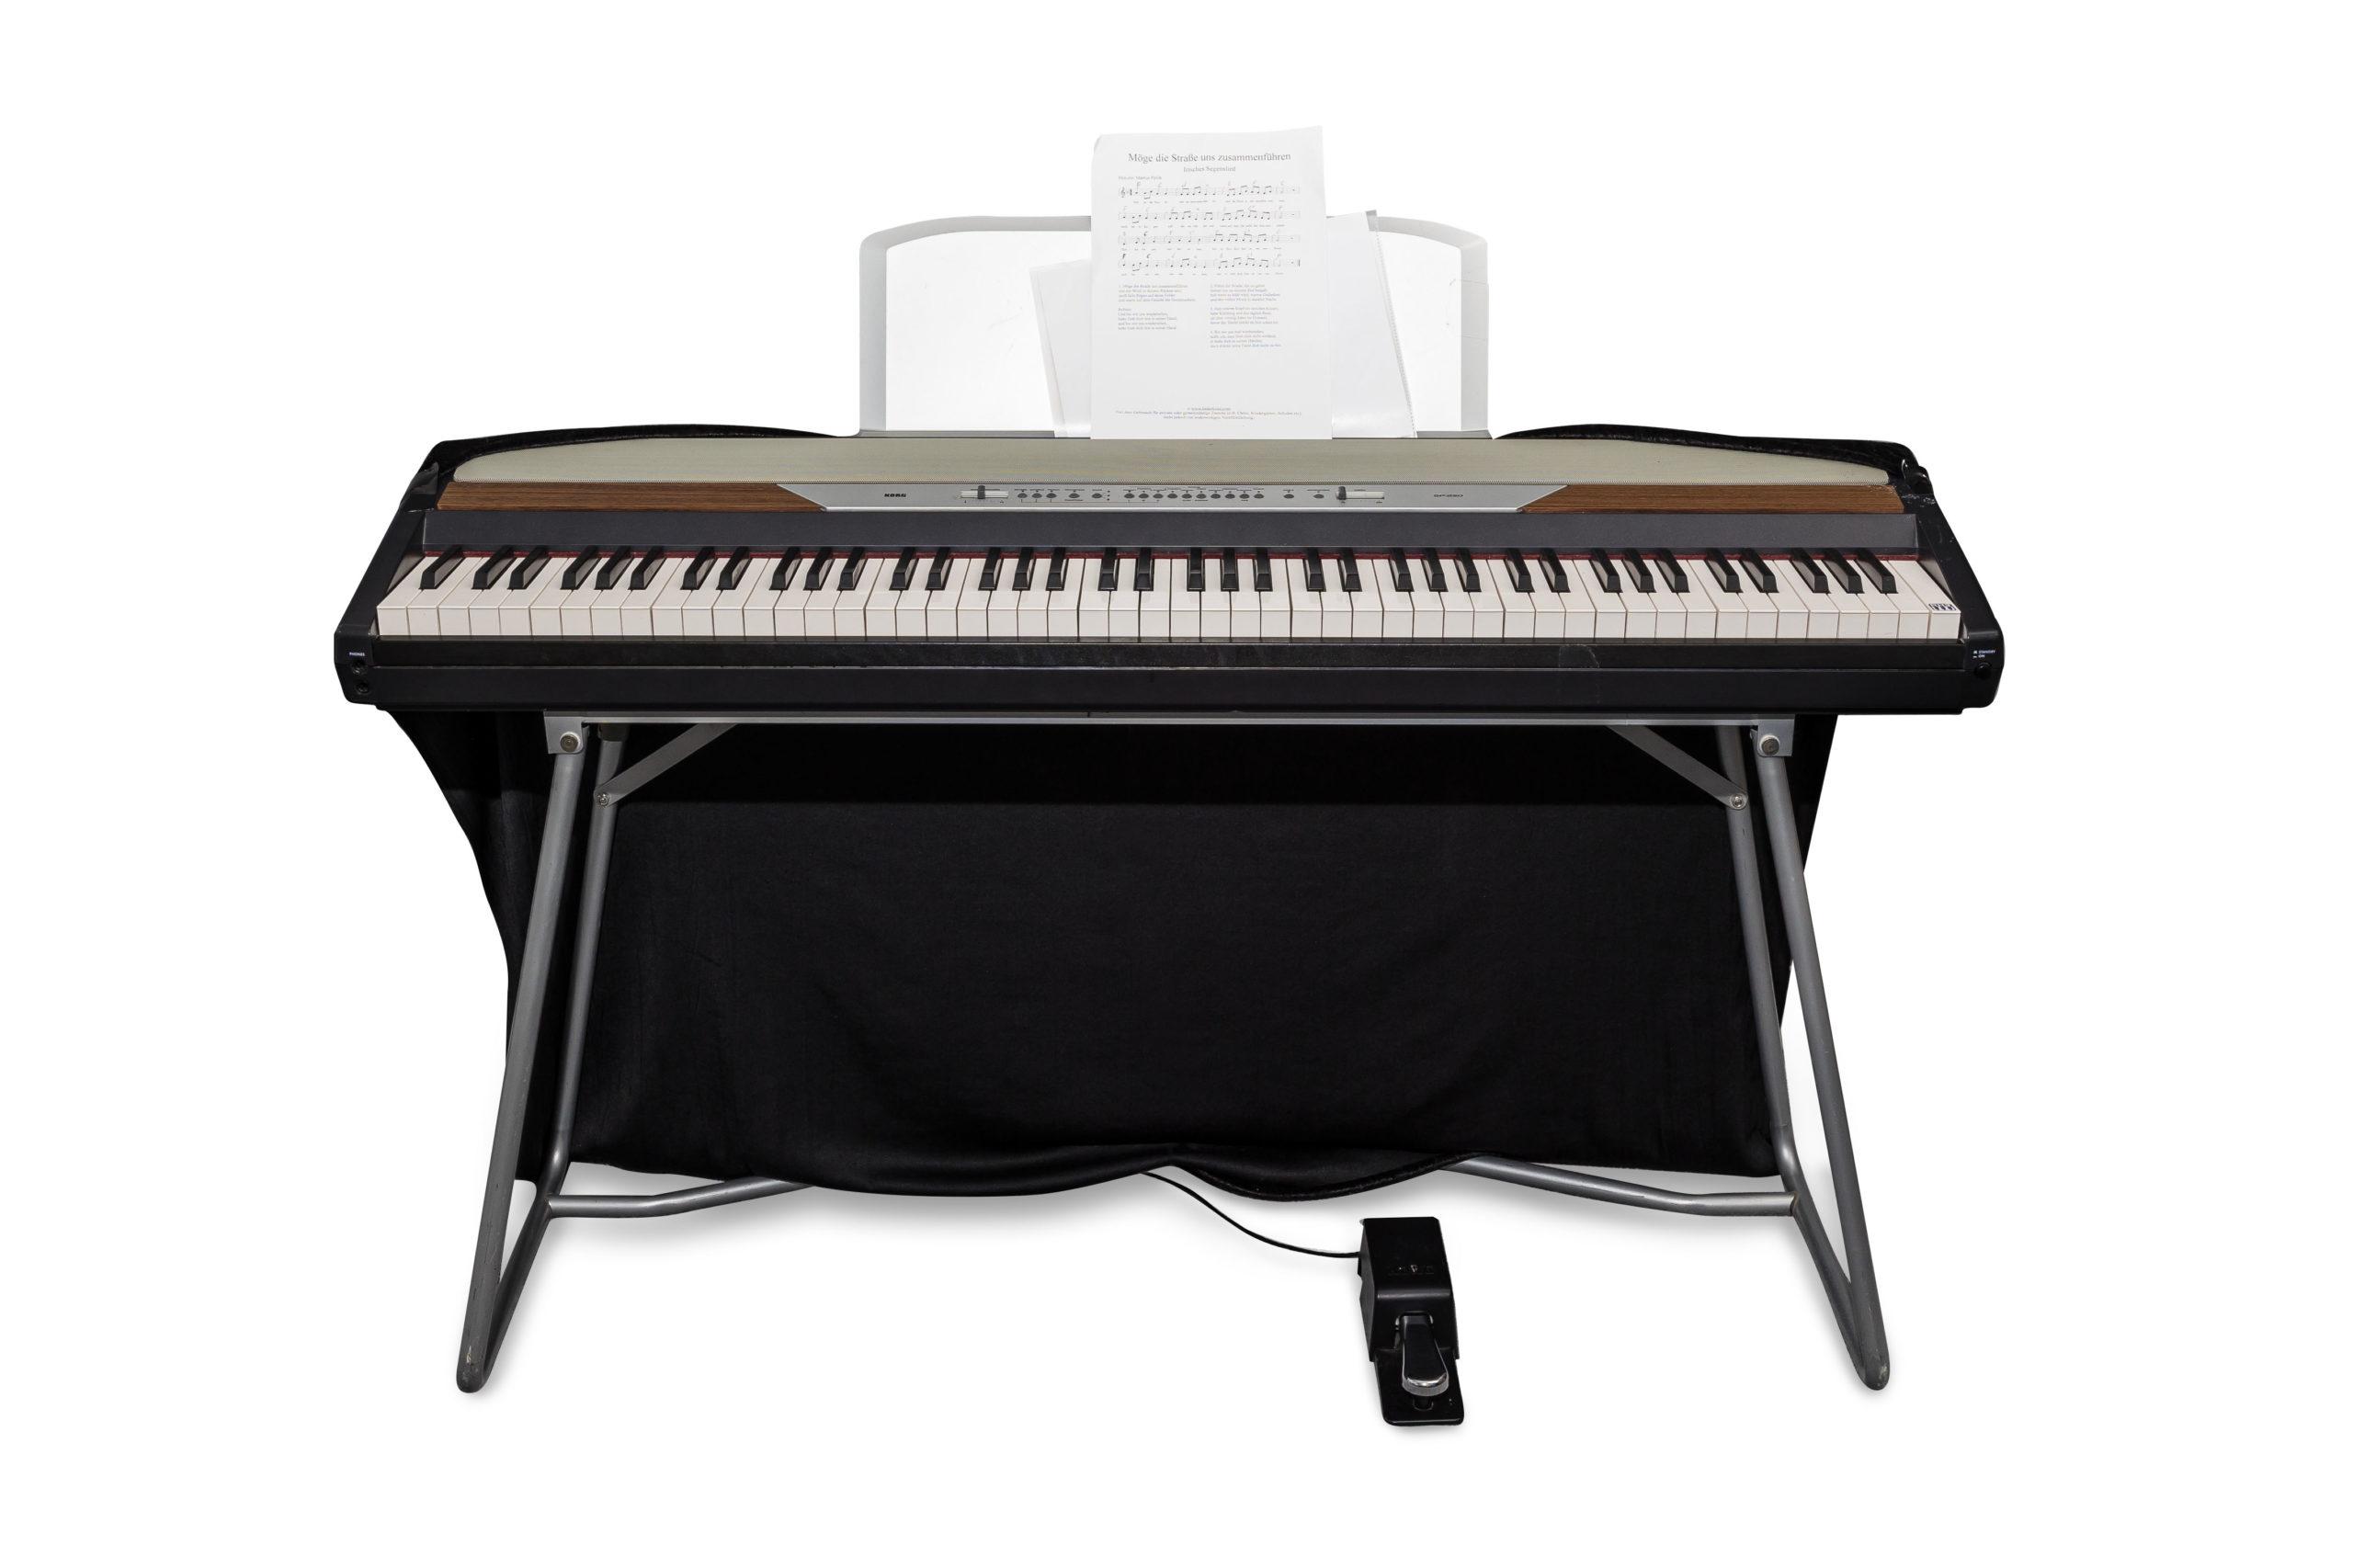 Keyboard mit Notenblatt vor weißem Hintergrund